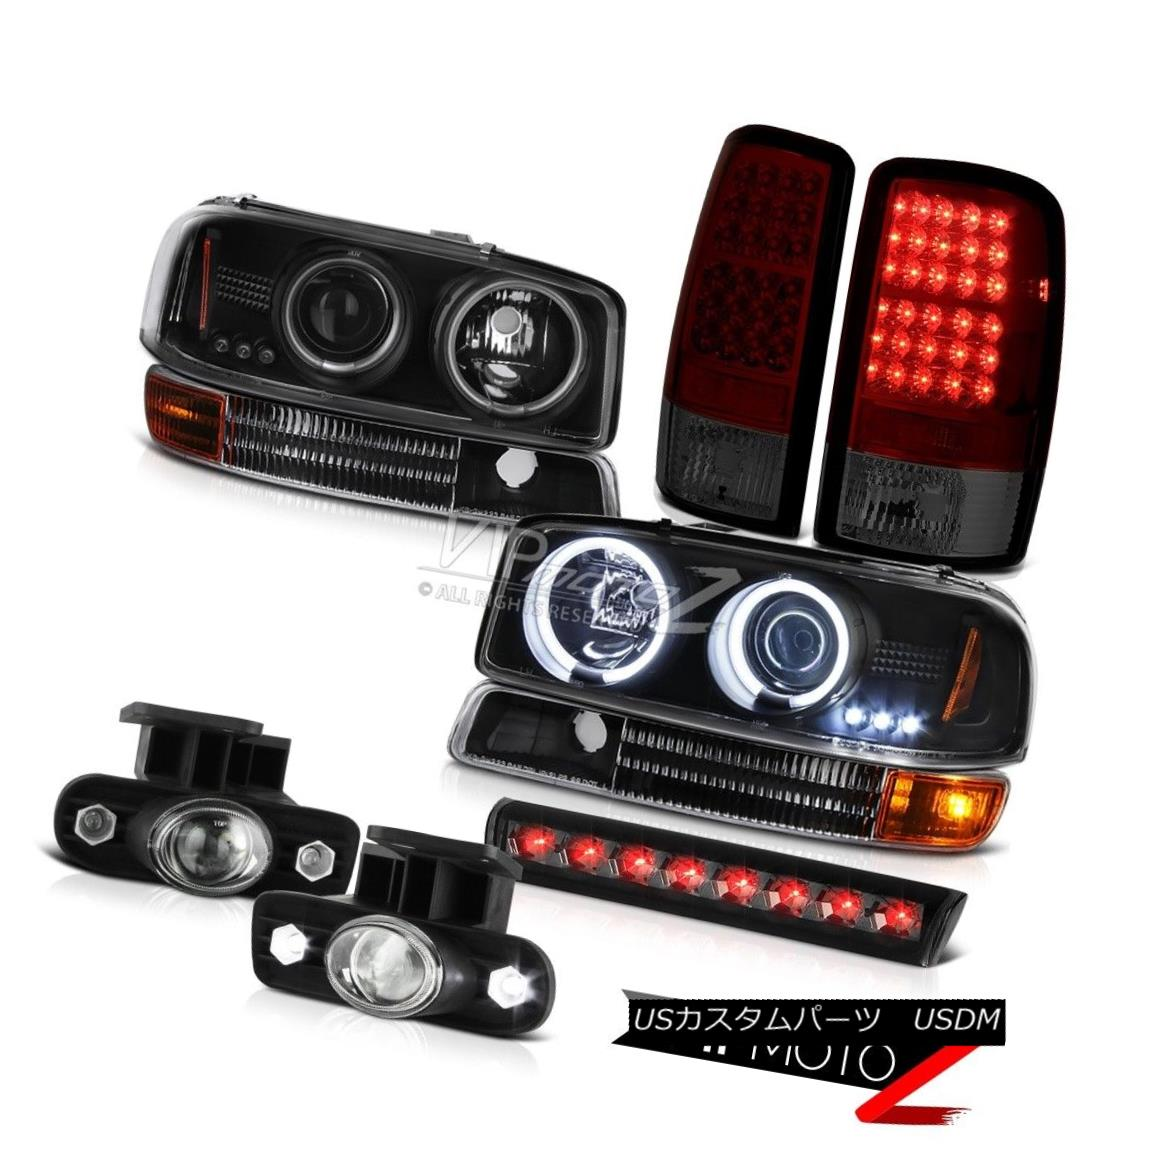 ヘッドライト Halo Ring Headlights LED Tail Lights Projector FogLight Brake 2000-2006 Yukon XL HaloリングヘッドライトLEDテールライトプロジェクターフォグライトブレーキ2000-2006ユーコンXL